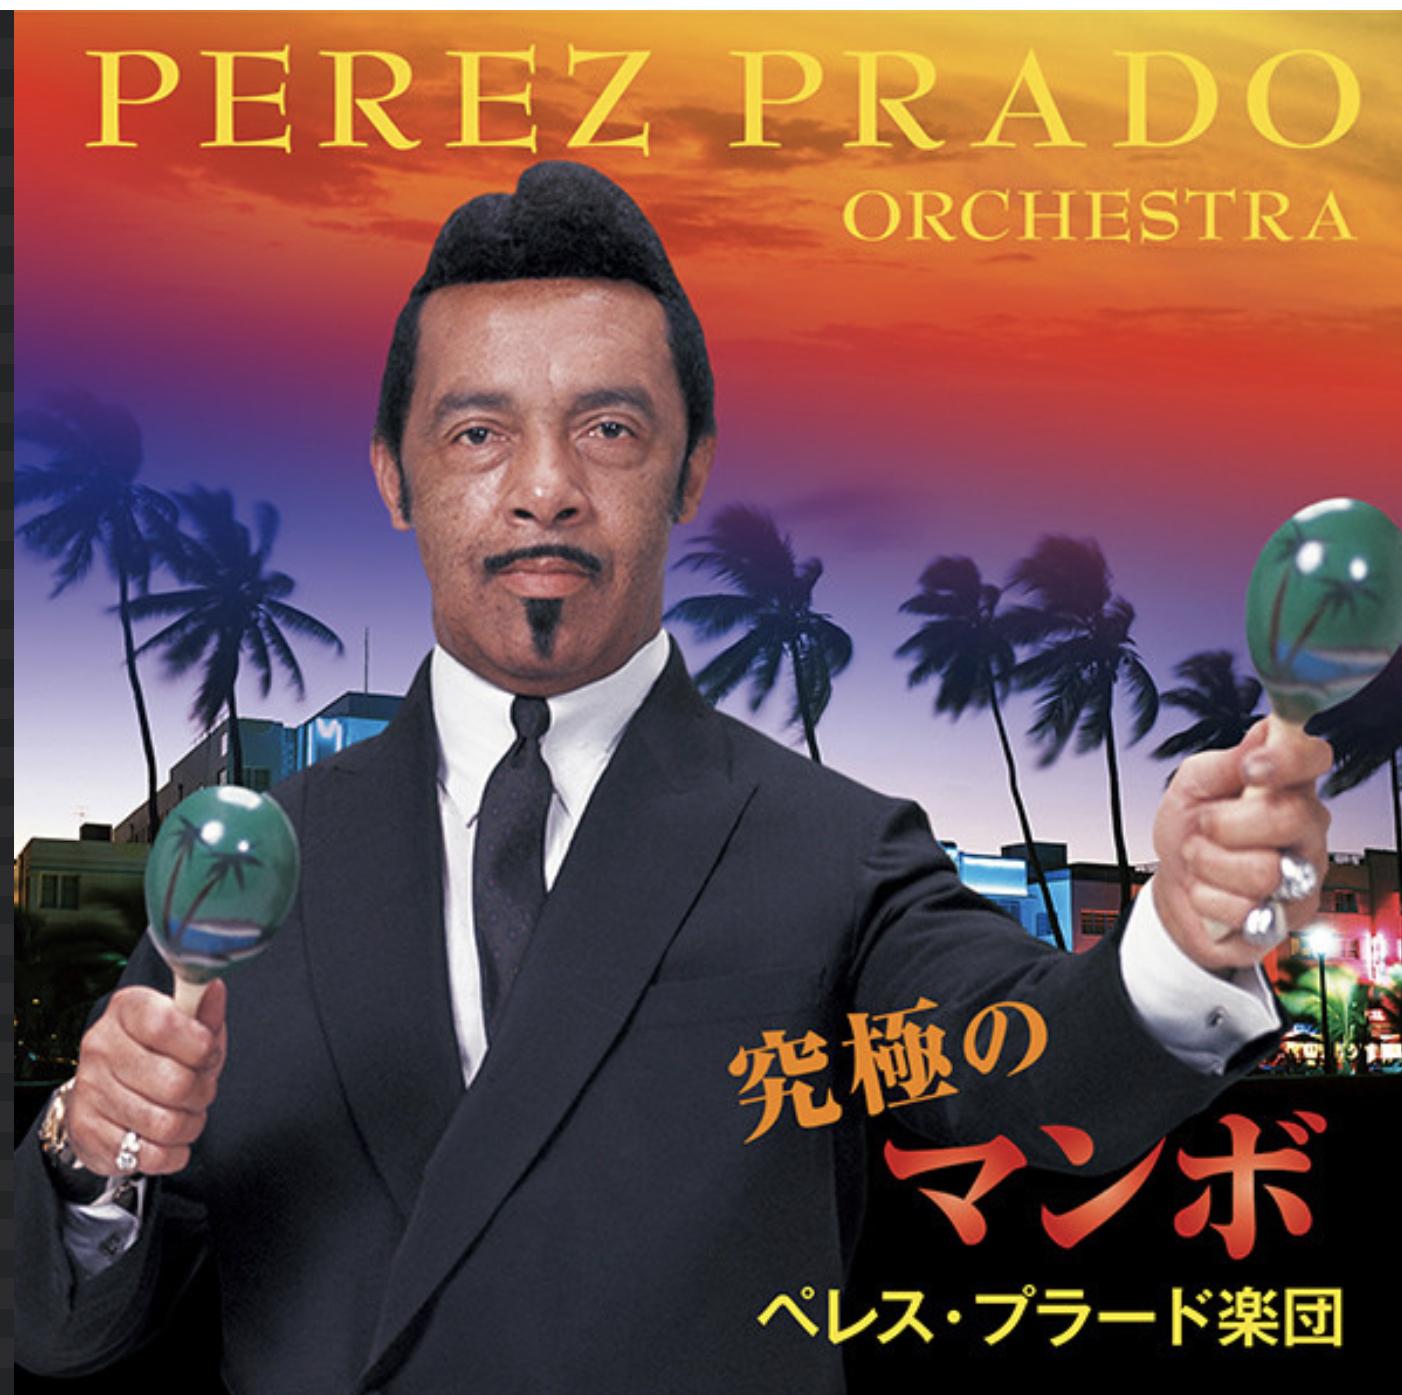 ペレス・プラード楽団の「テキーラ」